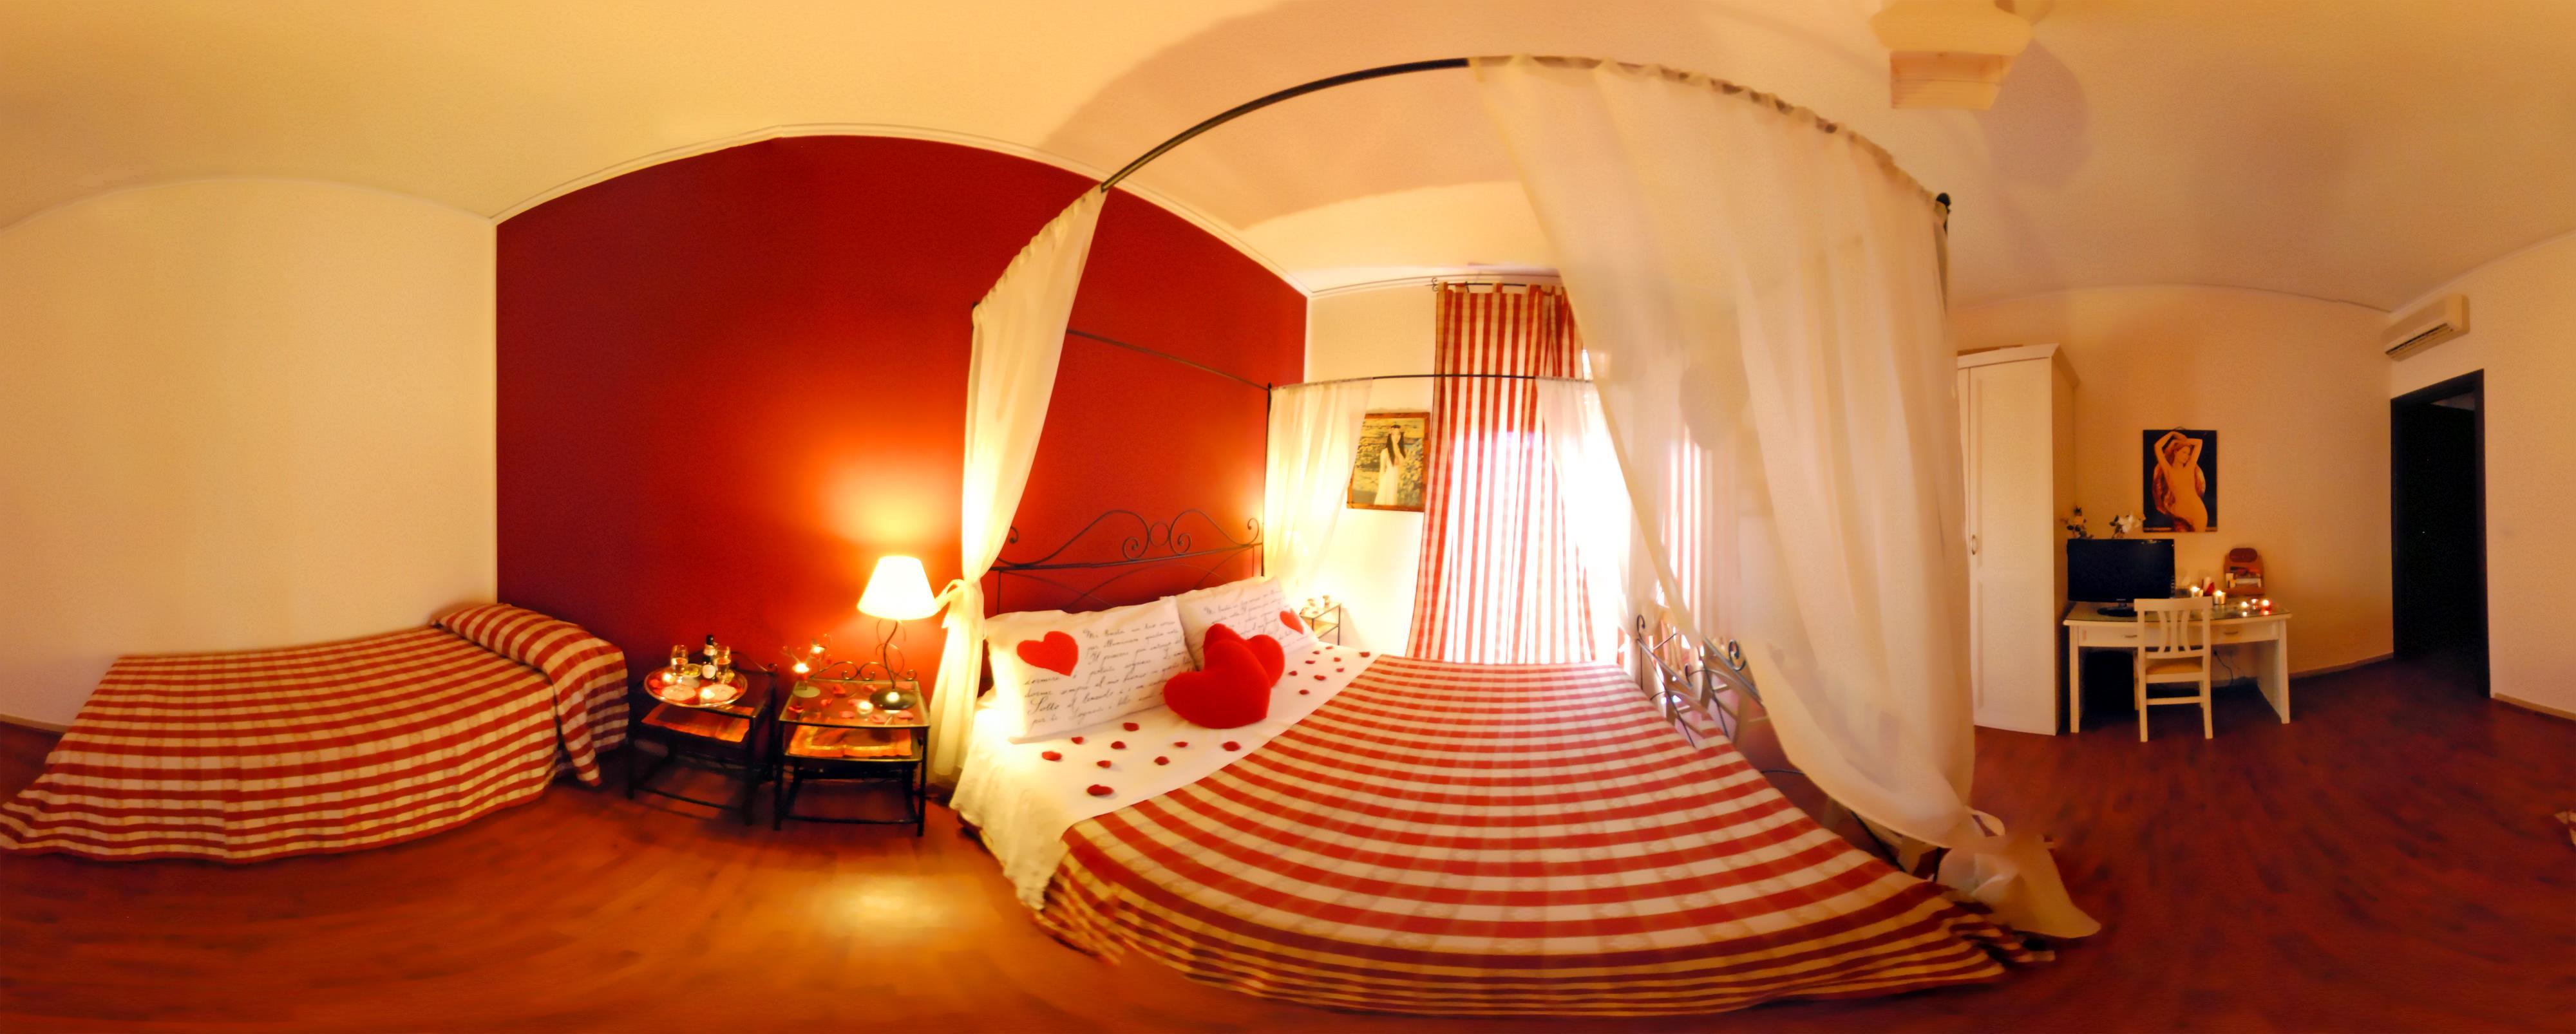 Offerta camera romantica coppie letto baldacchino e cabina for Camere da letto romantiche